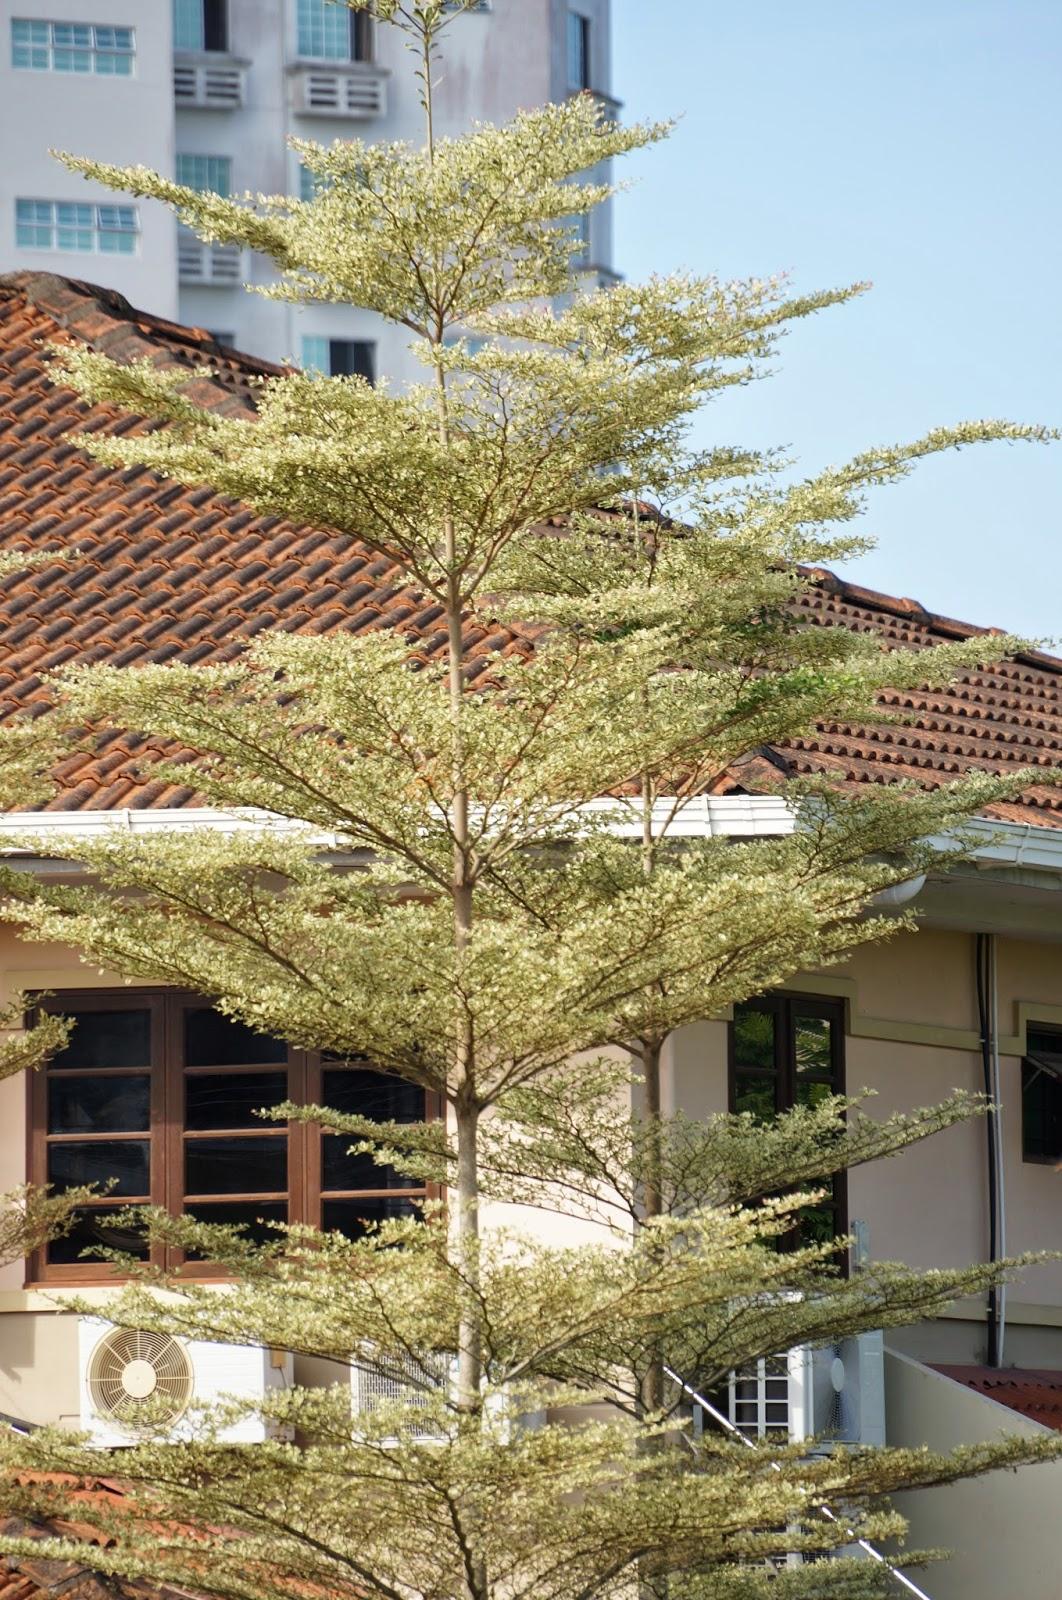 Terminalia Mantalay Verigated Tricolor